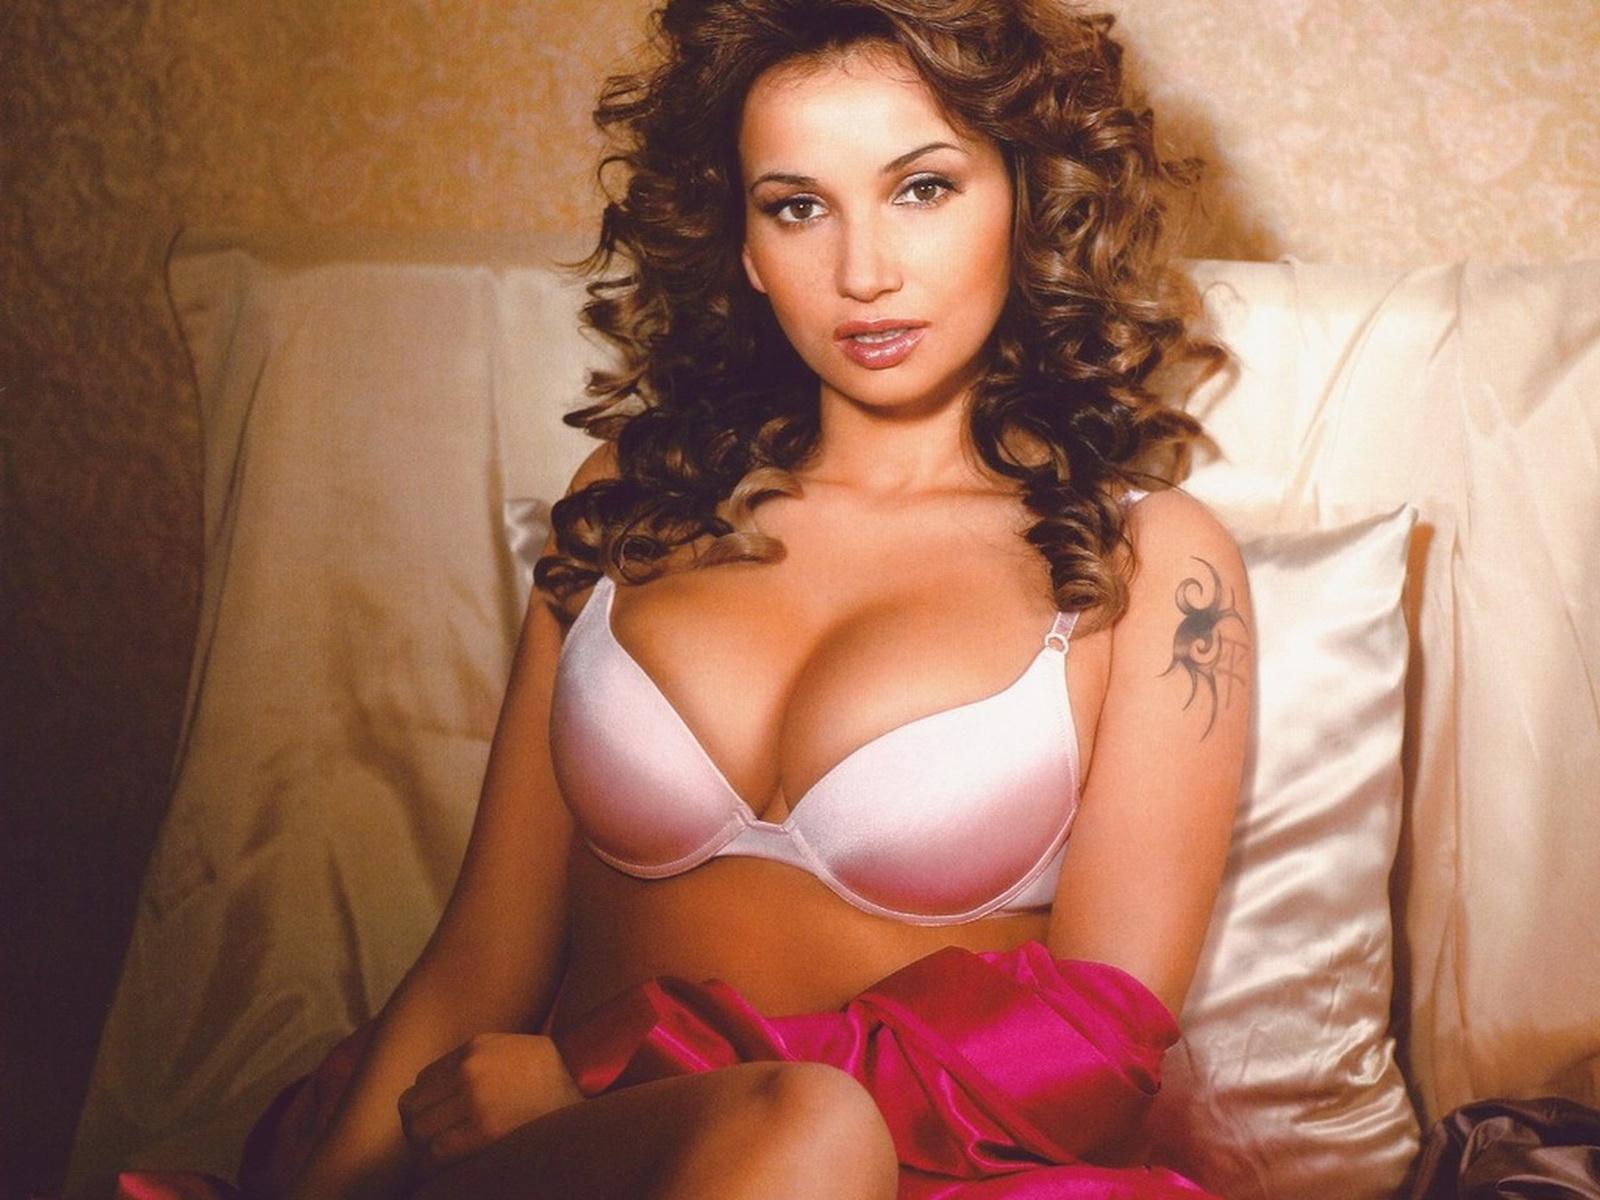 Секс с знаменитыми русскими звездами, Секс видео со знаменитостями звездный порно скандал 9 фотография